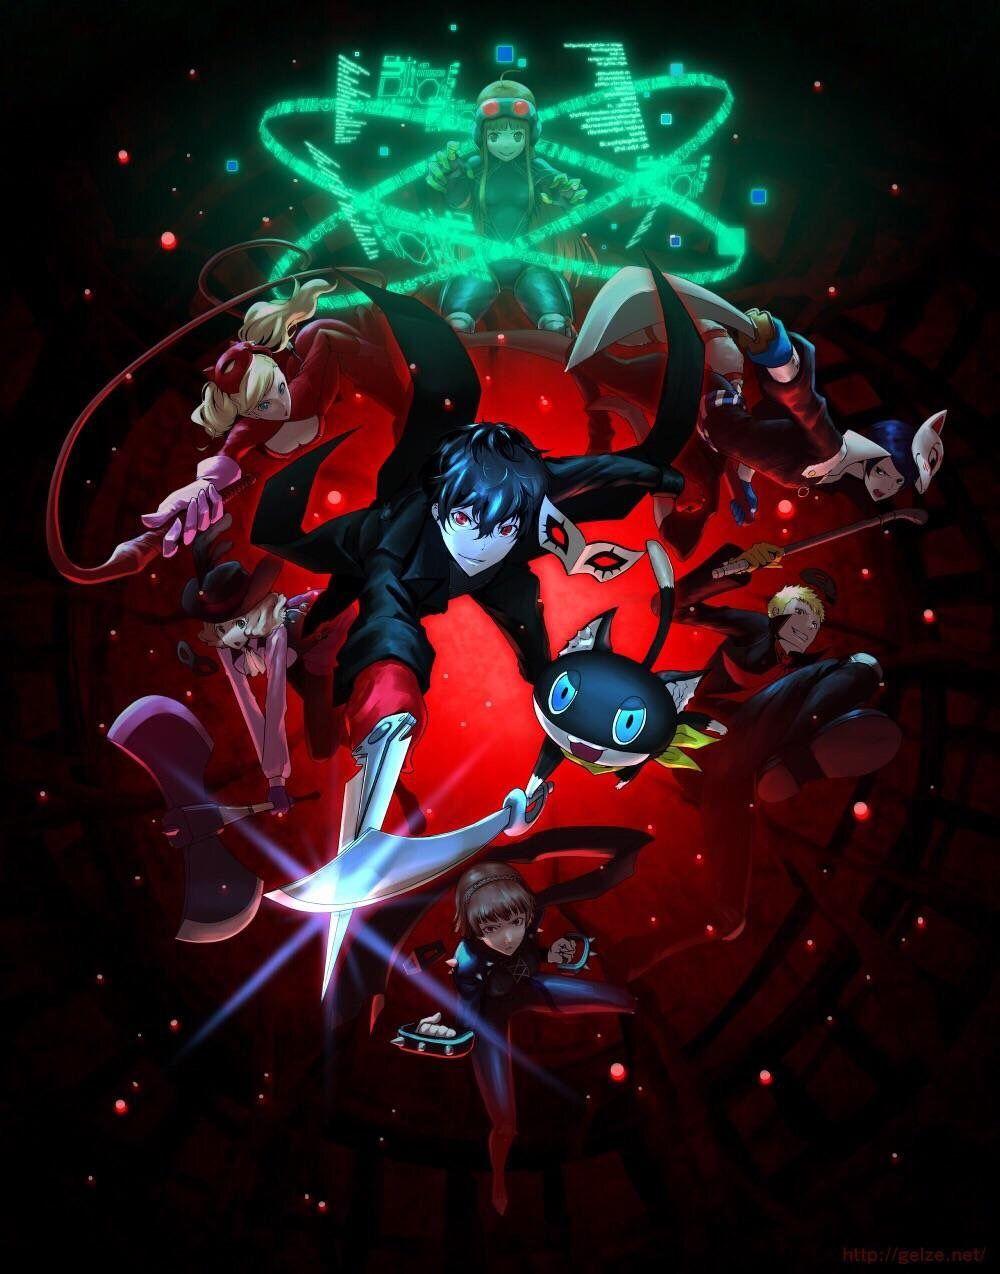 Pin by Erik Cordova on Persona 5 Persona 5, Anime, Persona